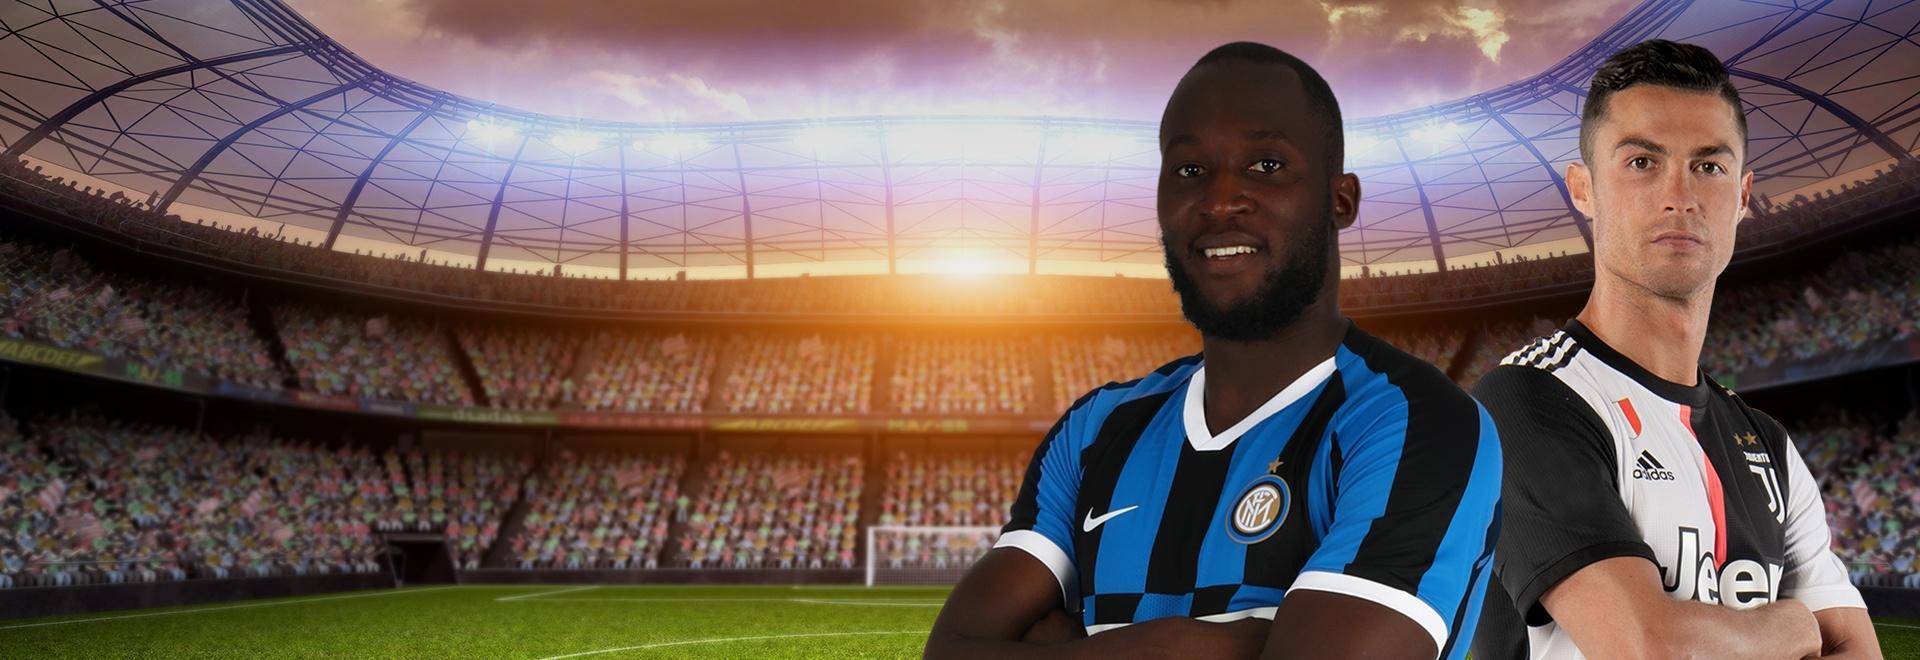 Inter - Juventus. 7a g.